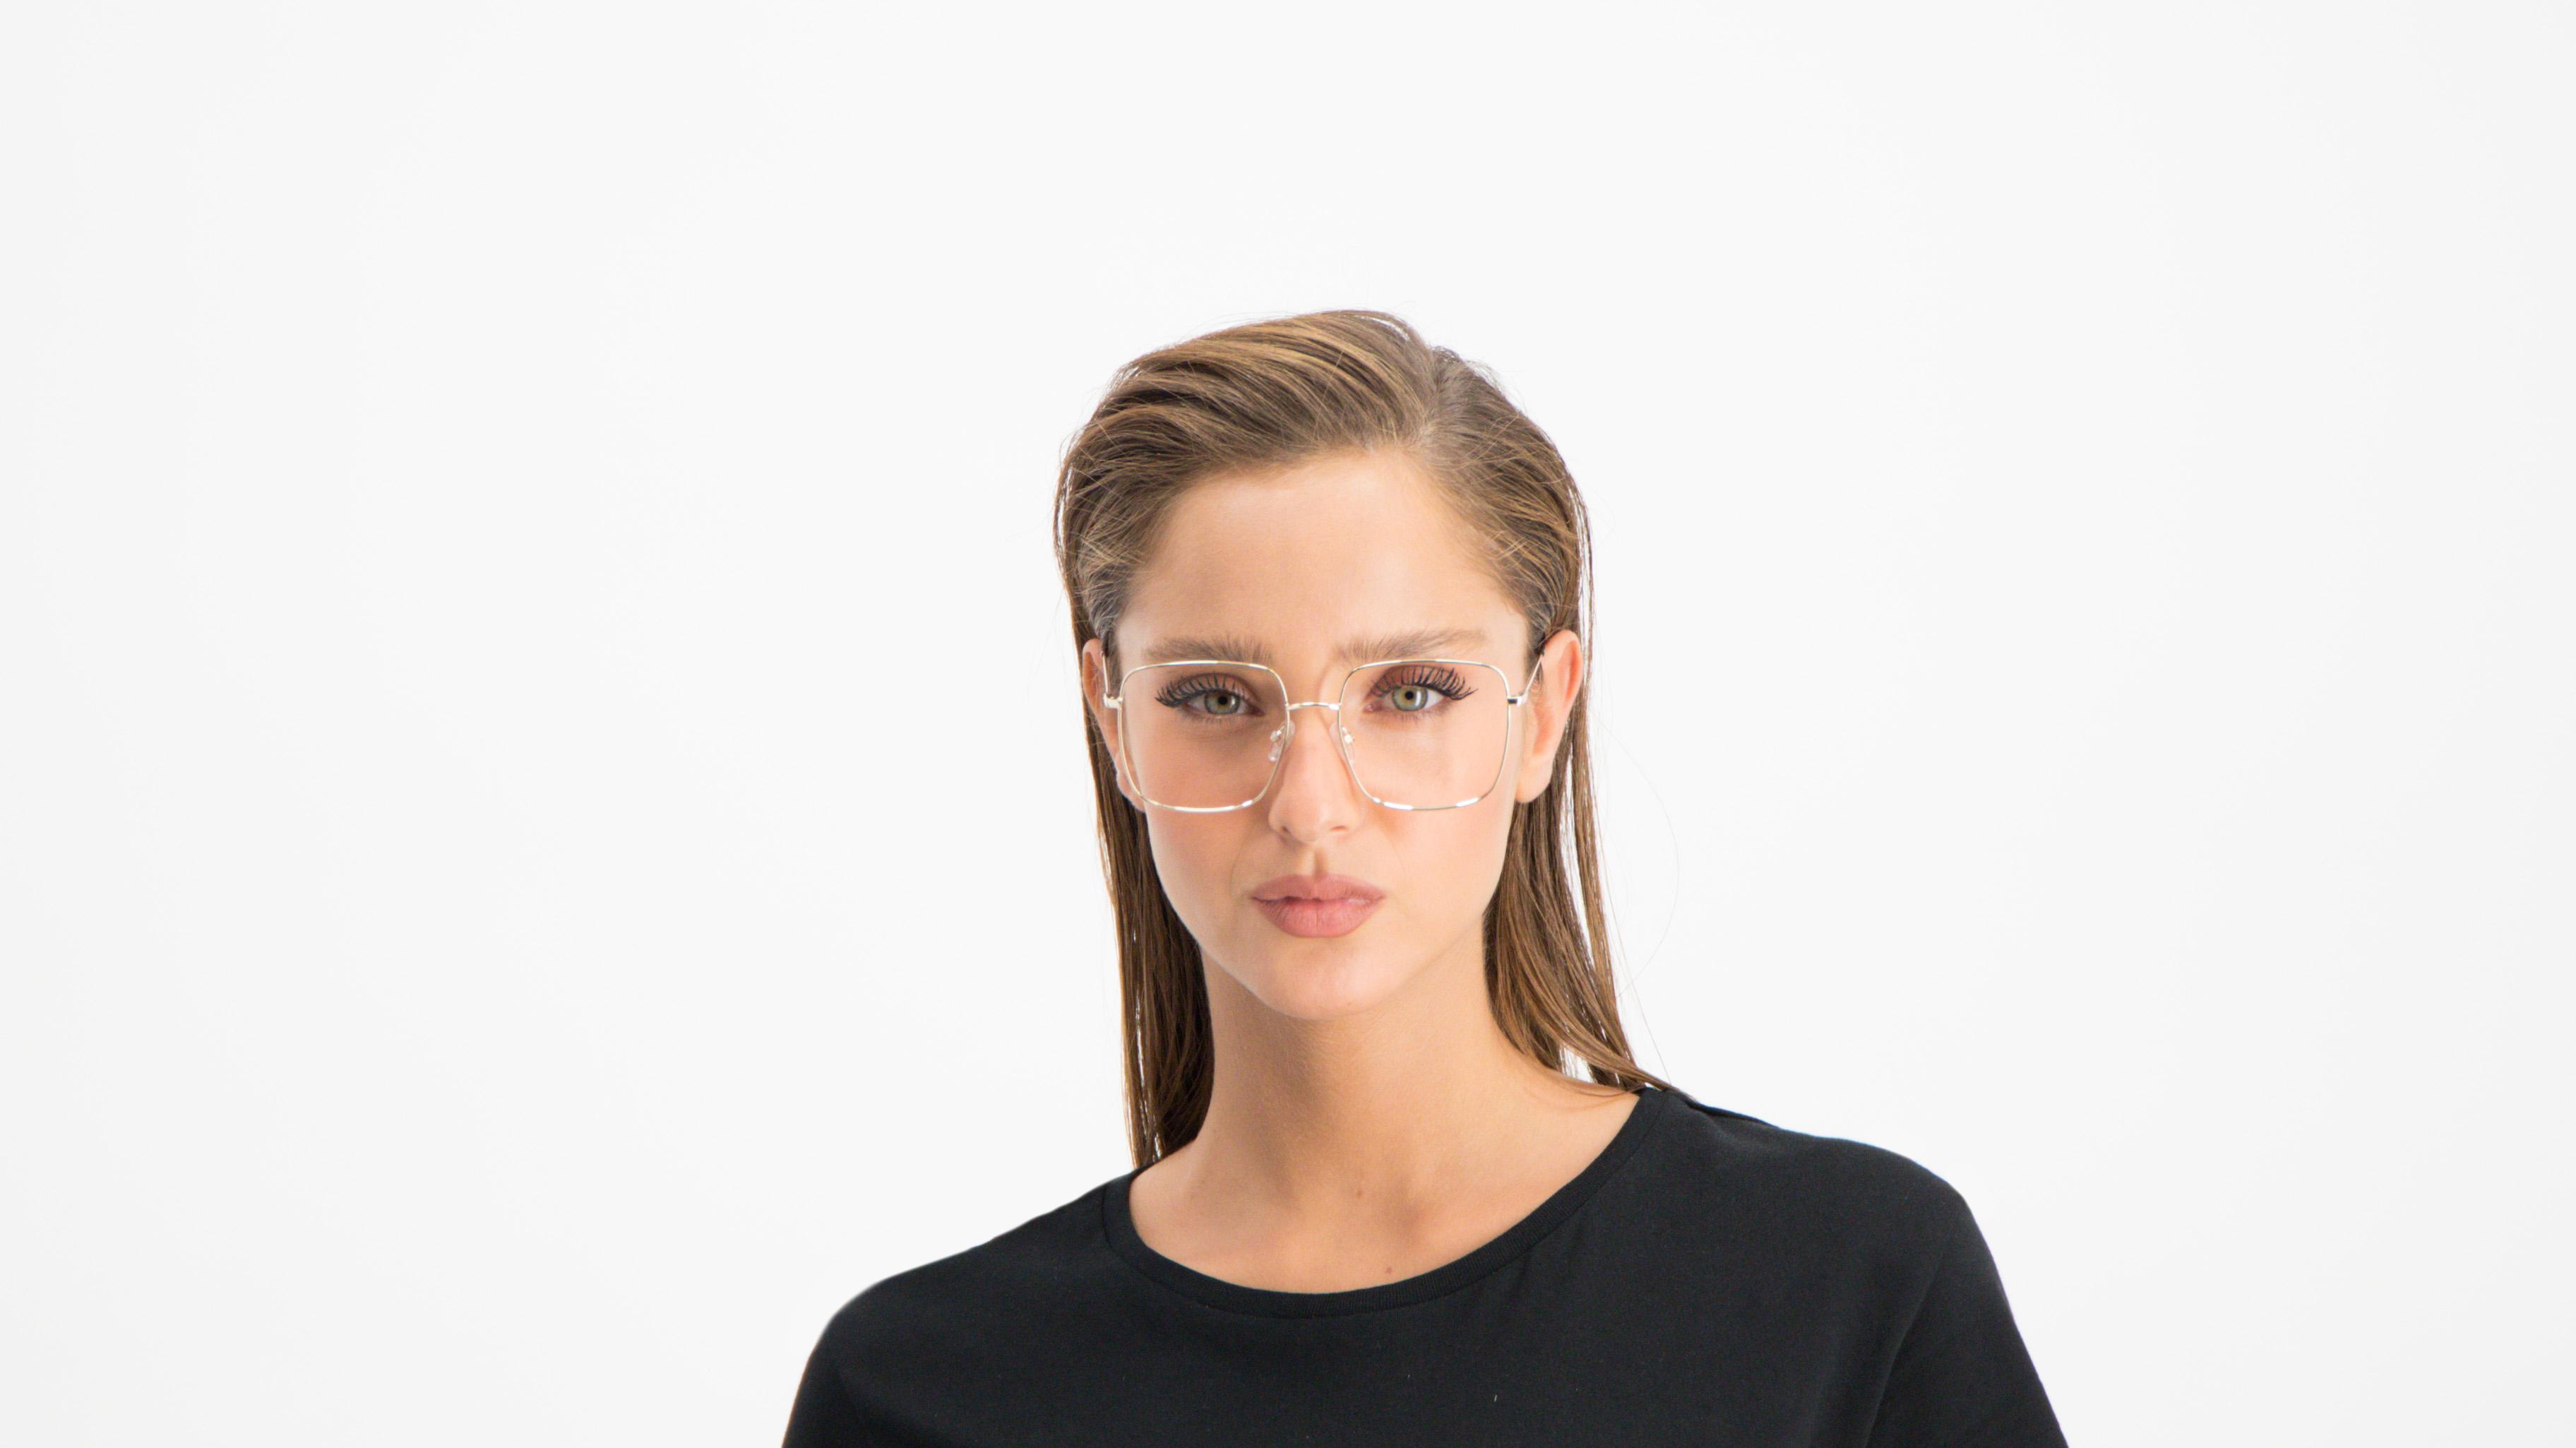 מבצע באירוקה -משקפי ראיה 299 שח וזוג שני בחצי מחיר צילום יחצ